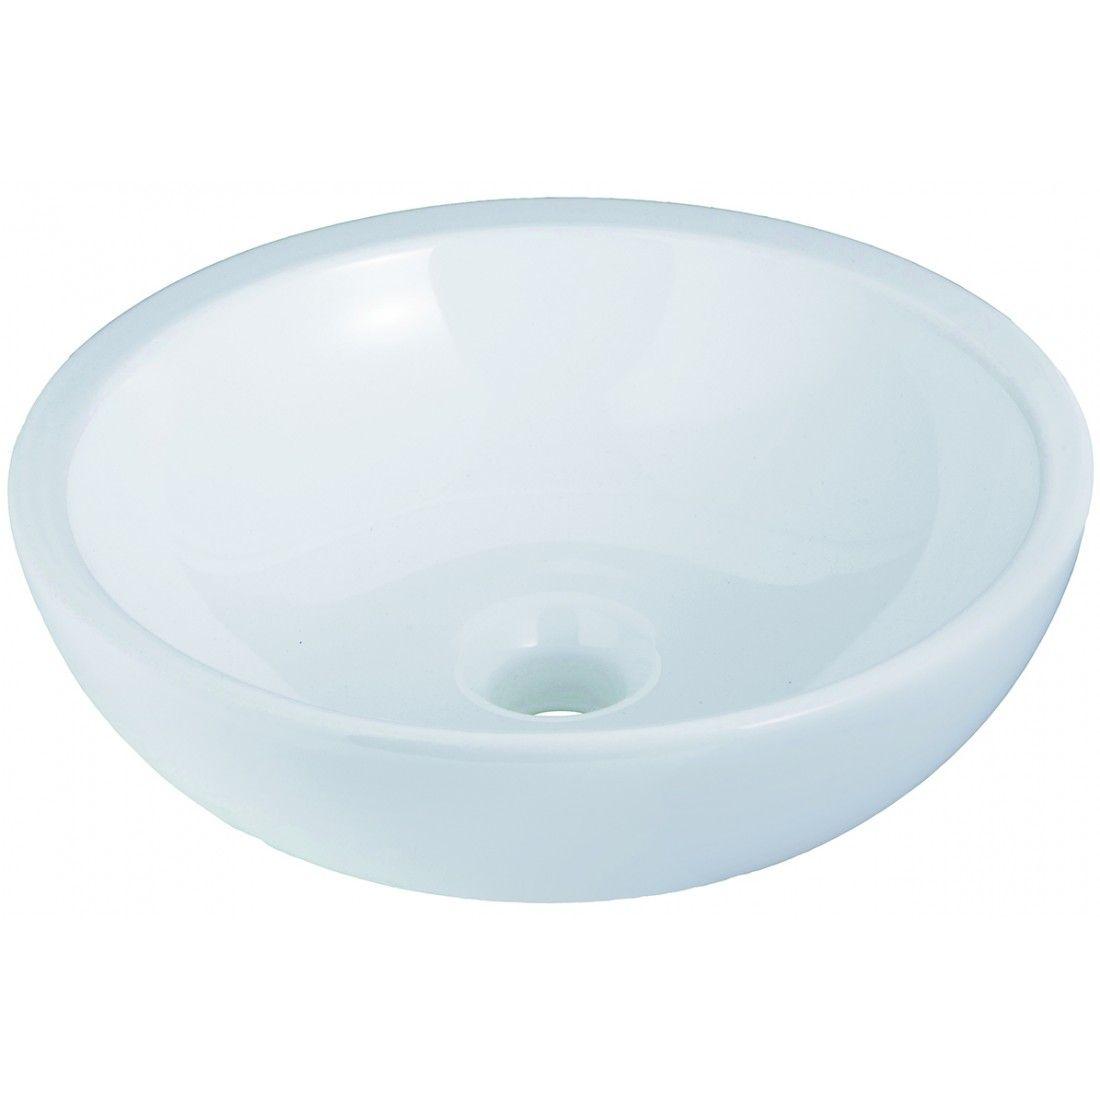 Vasque lave mains ronde 38 cm en céramique blanche ou noire, Spot de Line Art